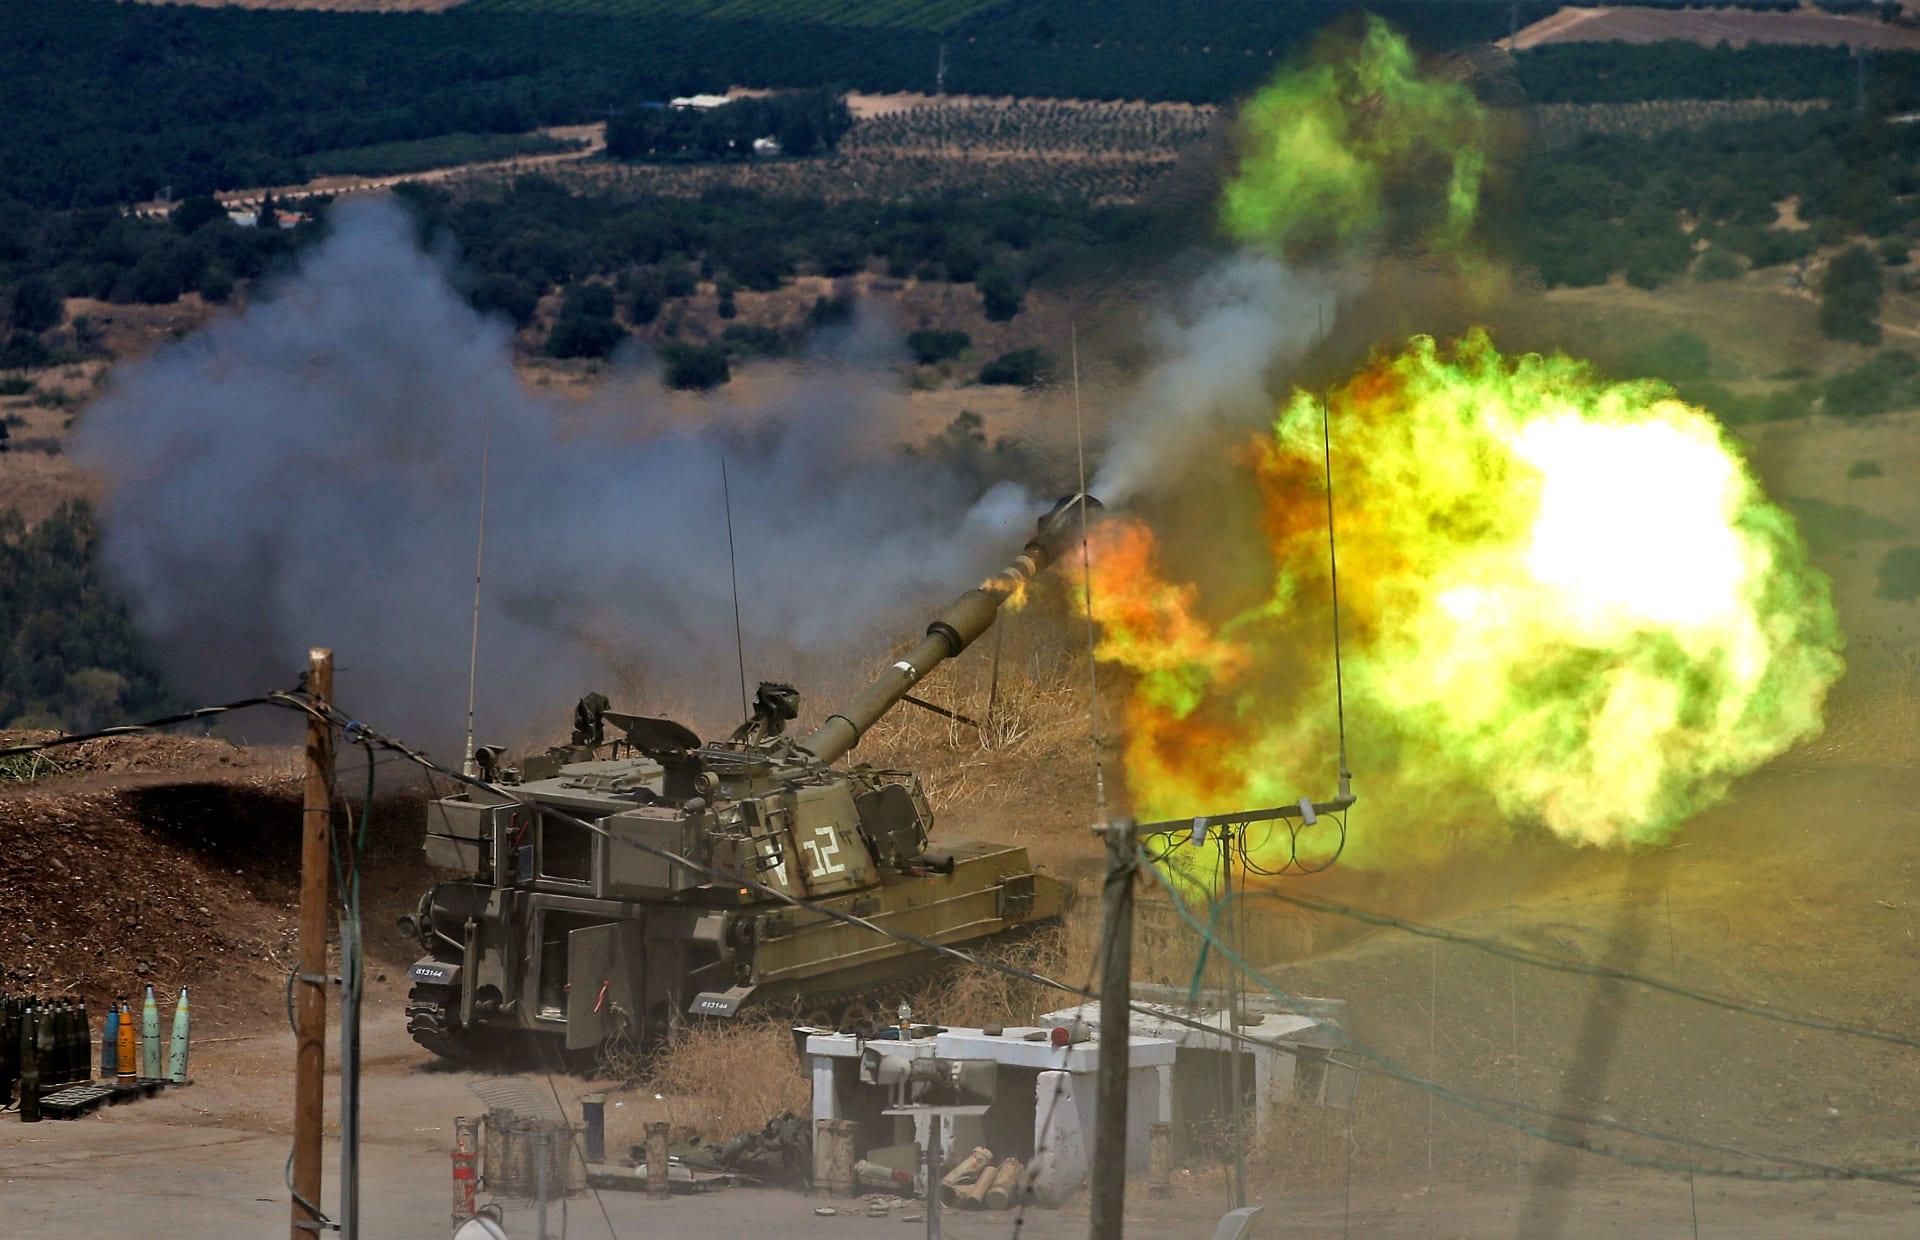 مدفعية إسرائيلية ترد بقصف أهداف بعد إطلاق القذائف من لبنان صوب إسرائيل